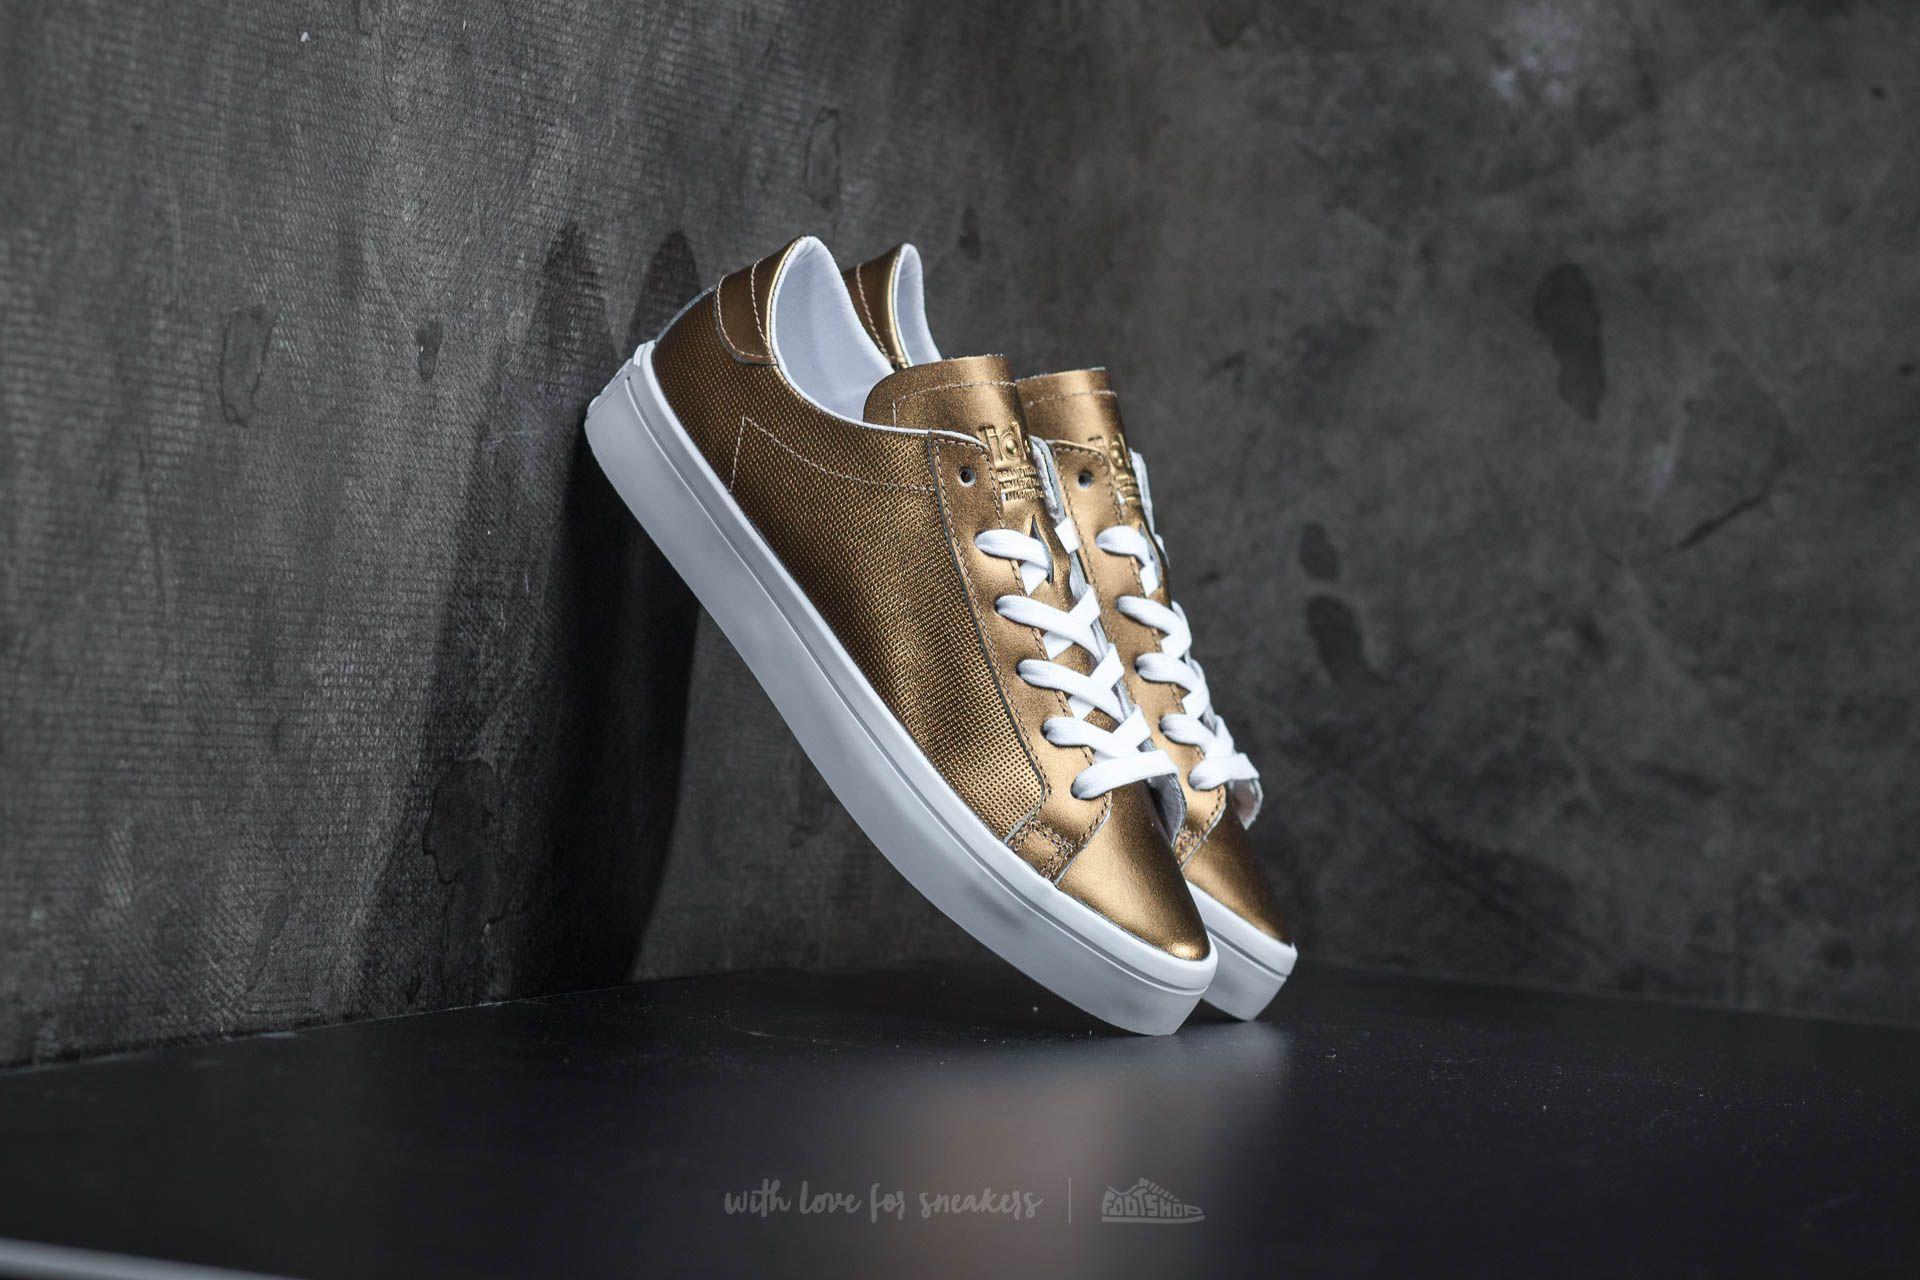 Adidas W Metallic Ftw Vantage Copper WhiteFootshop Court Qrdtsh